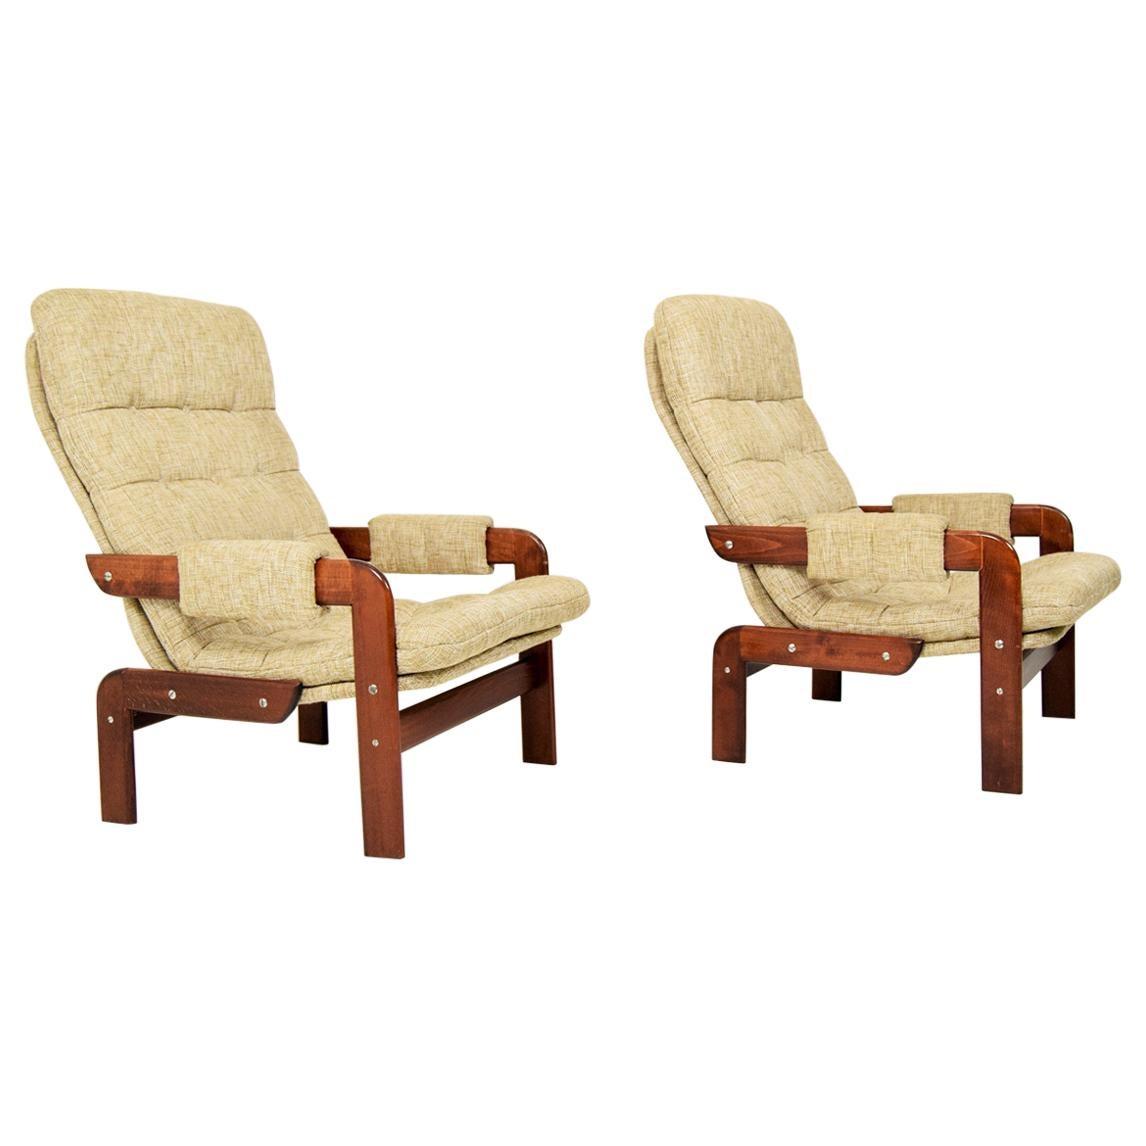 Set of Two Scandinavian Oak Armchairs, 1970s